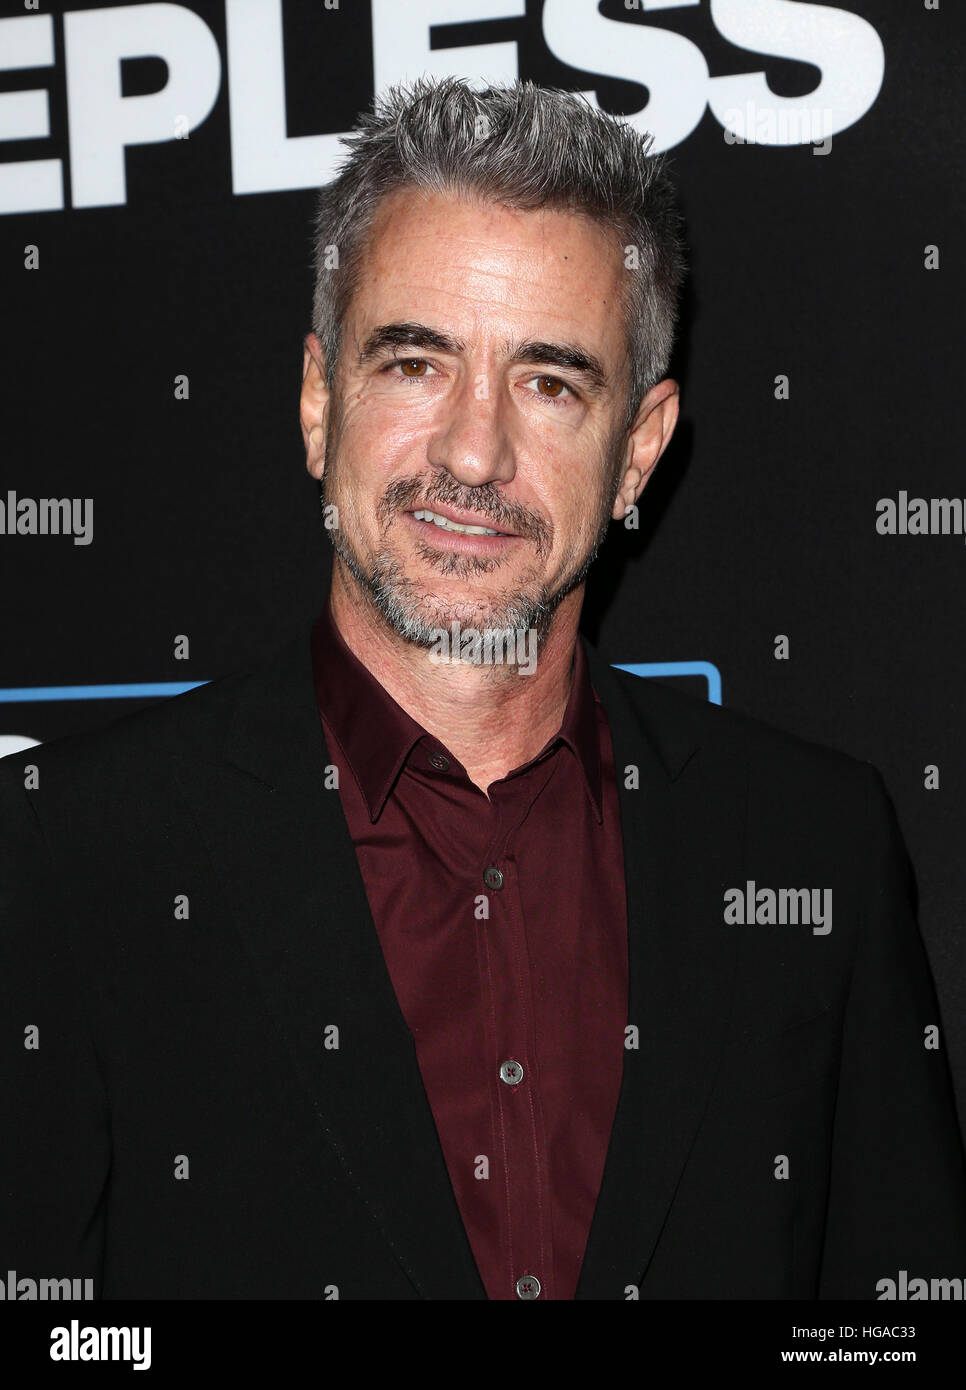 Los Angeles, CA - 05 janvier: Dermot Mulroney, pour Premiere d'Open Road Films' 'Sleepless', au stade 14 Regal Banque D'Images